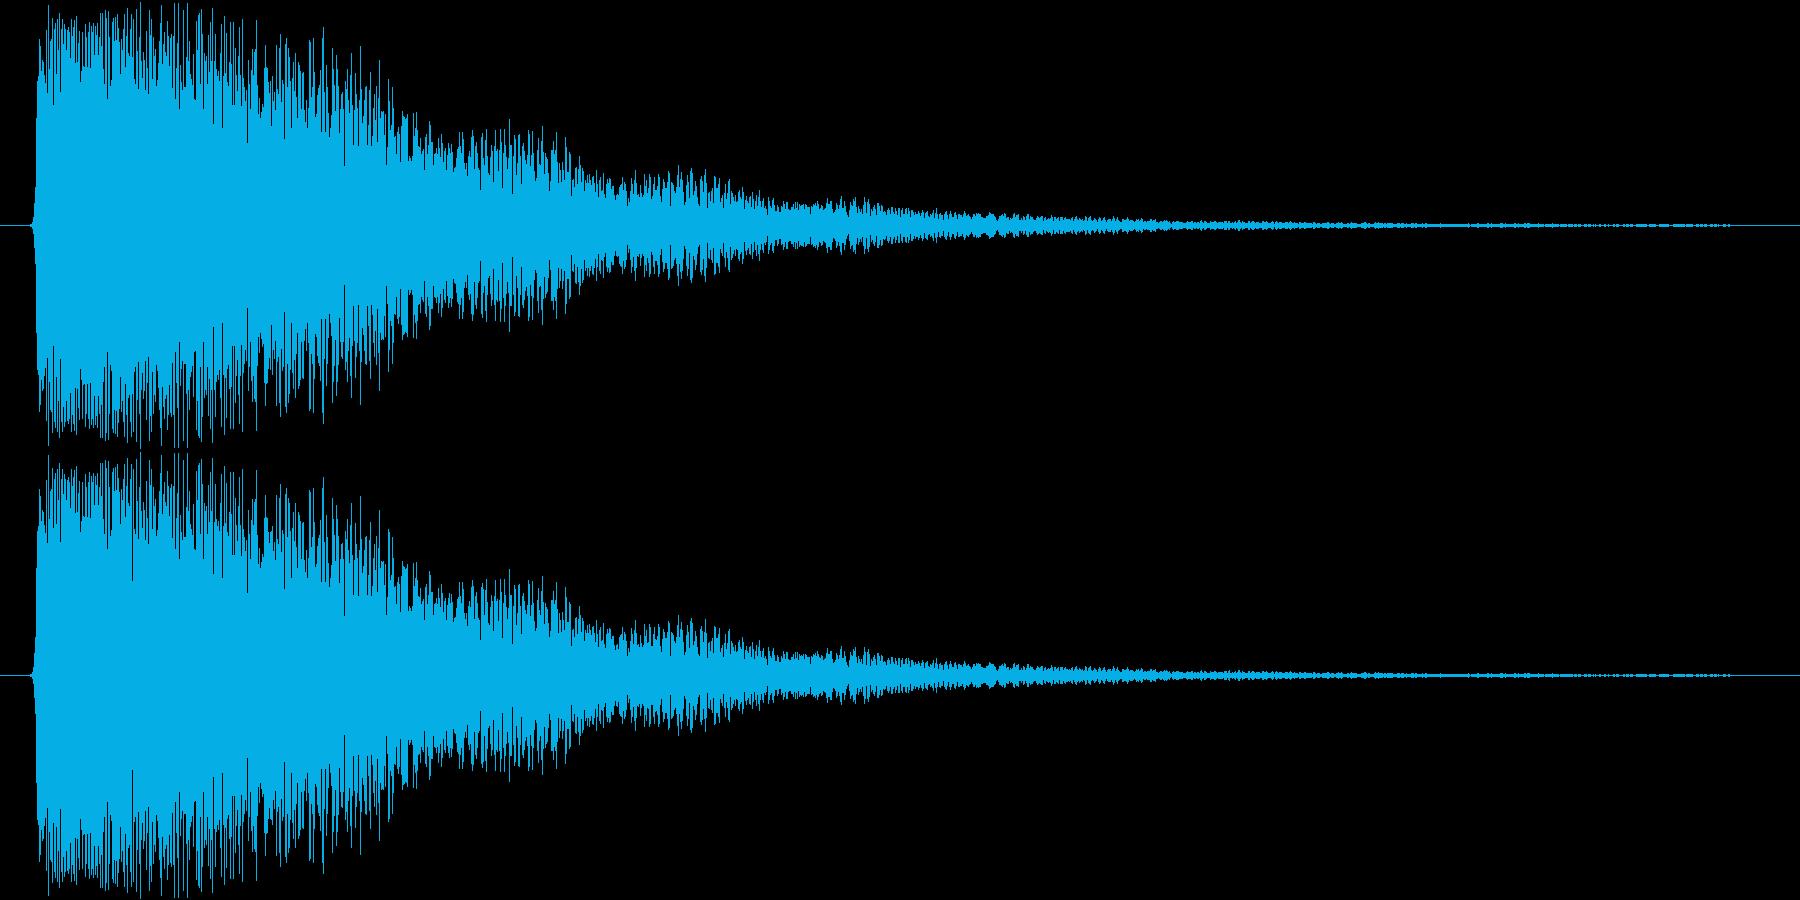 ピカーン(ひらめいた感じ)の再生済みの波形